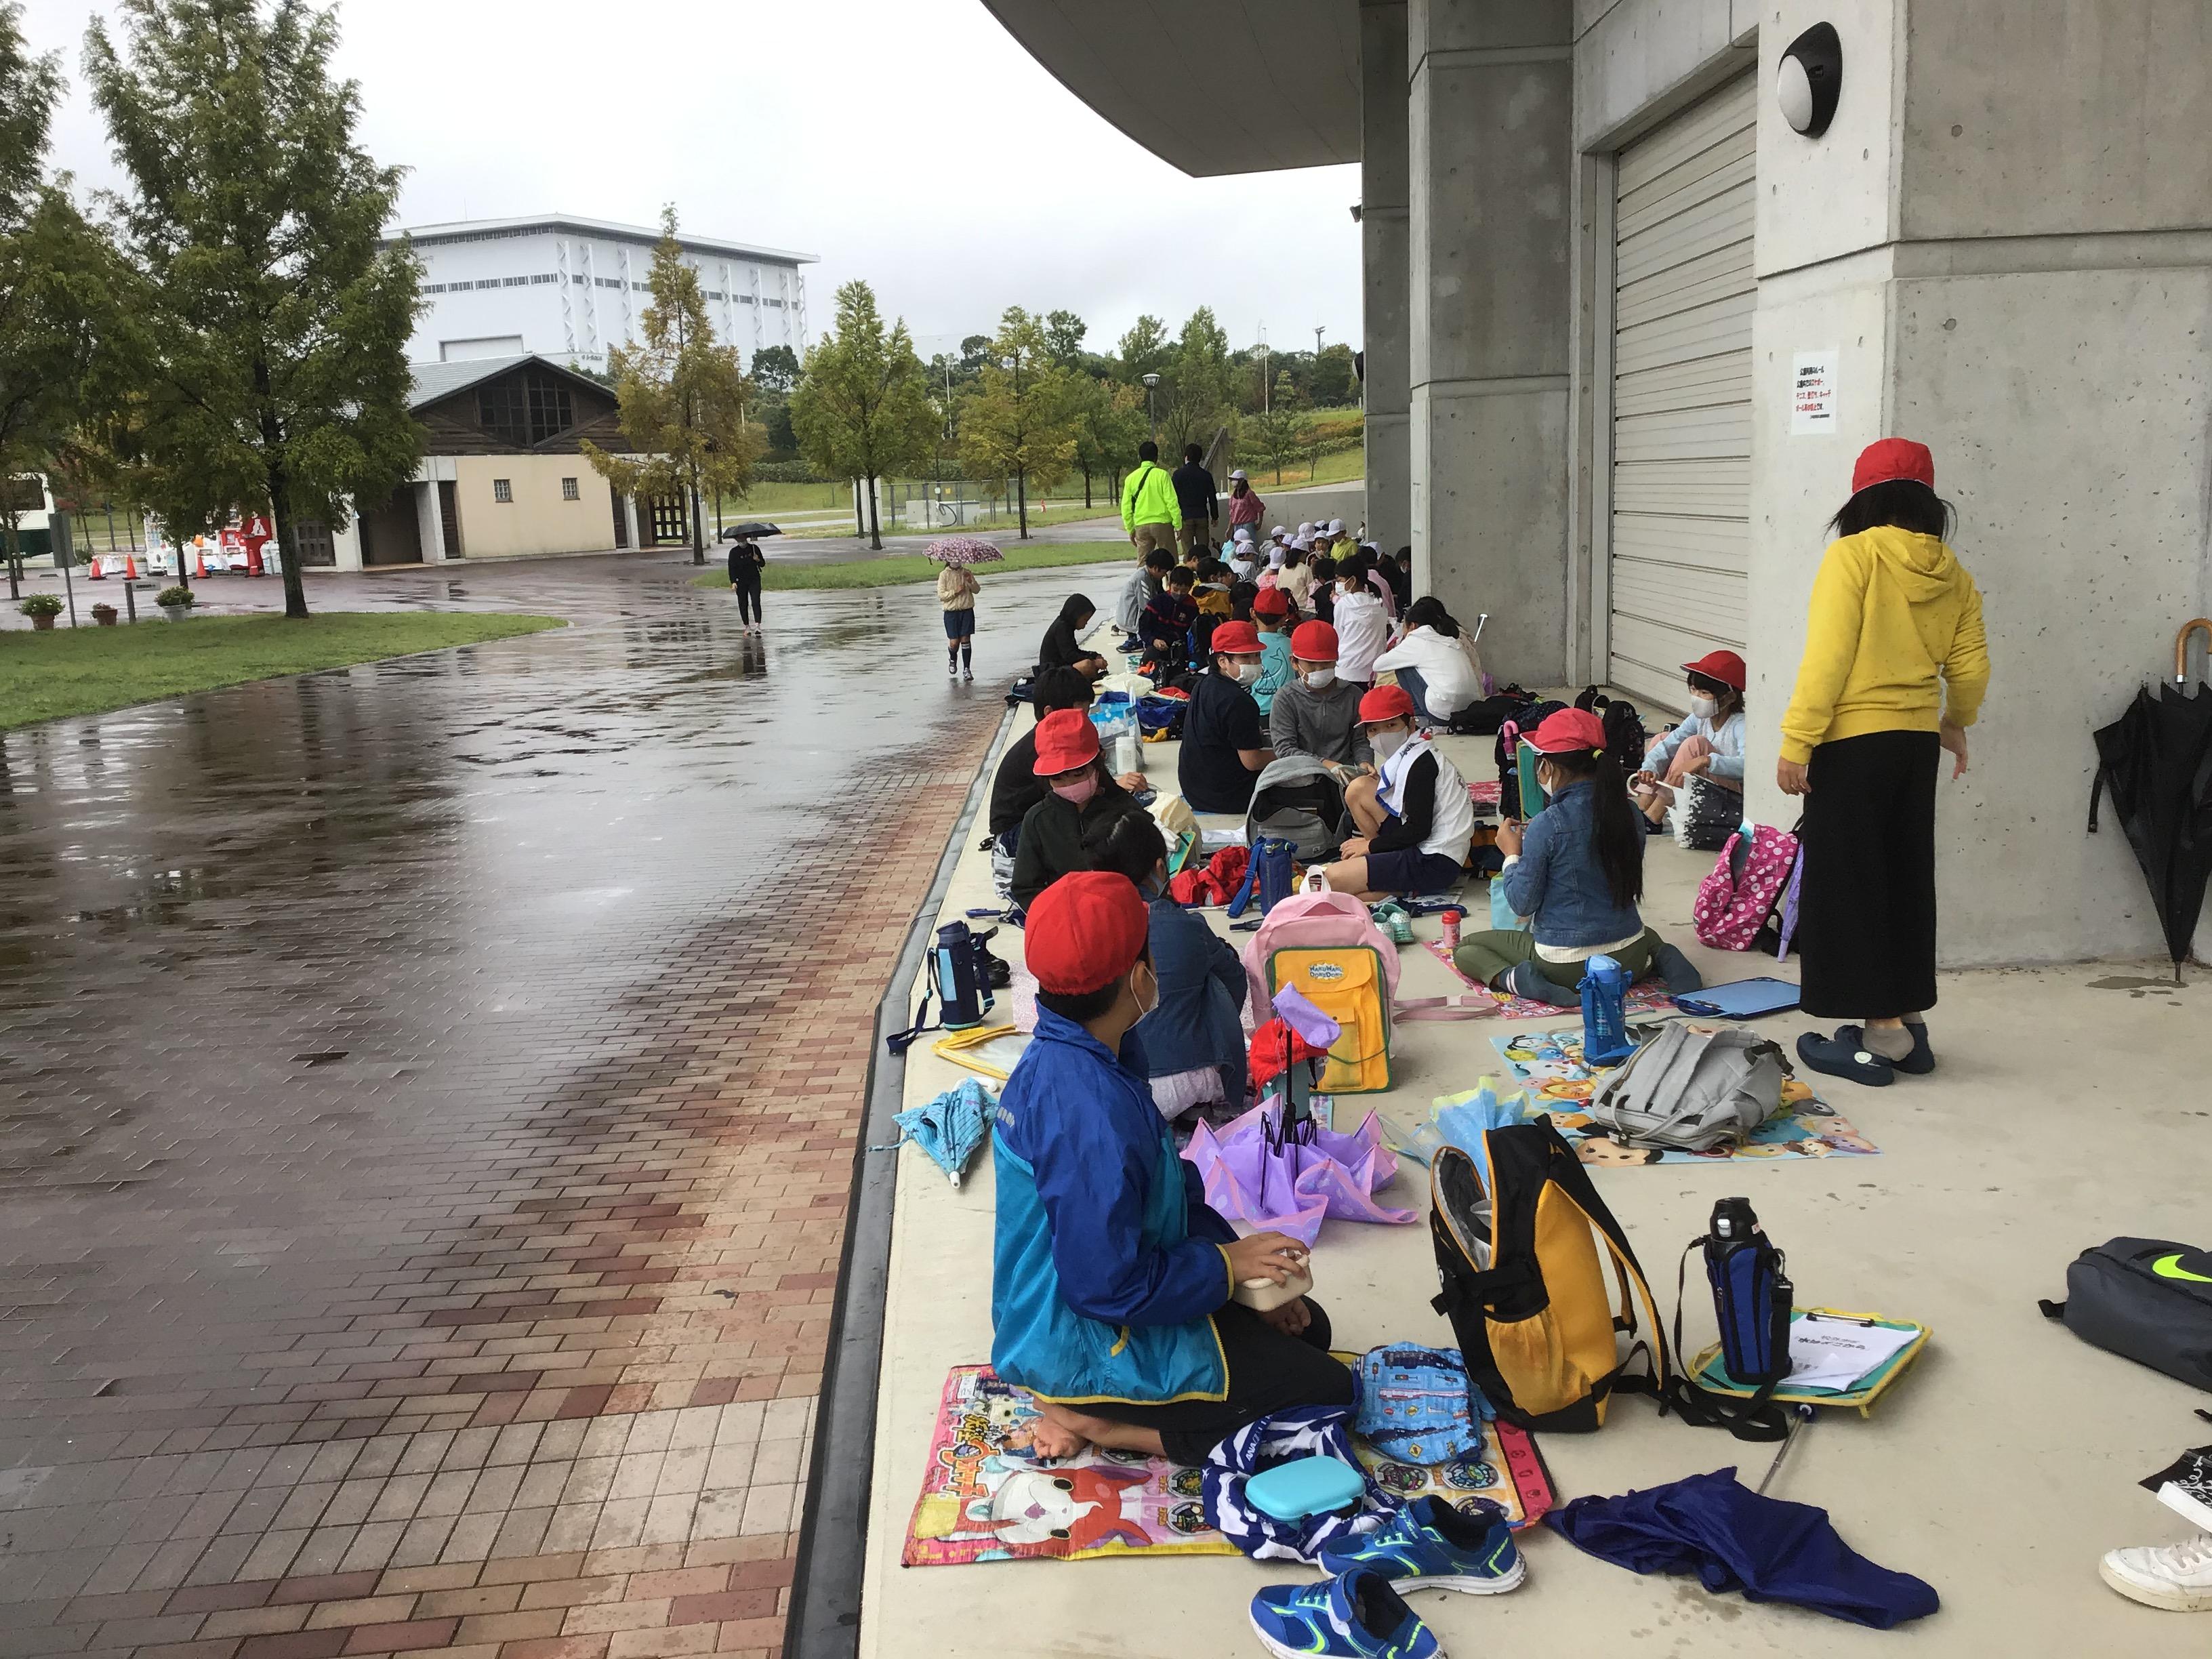 三木総合防災公園での昼ご飯風景。雨で芝生広場ではないけれど陸上競技場屋根の下でも楽しい食事となりました。